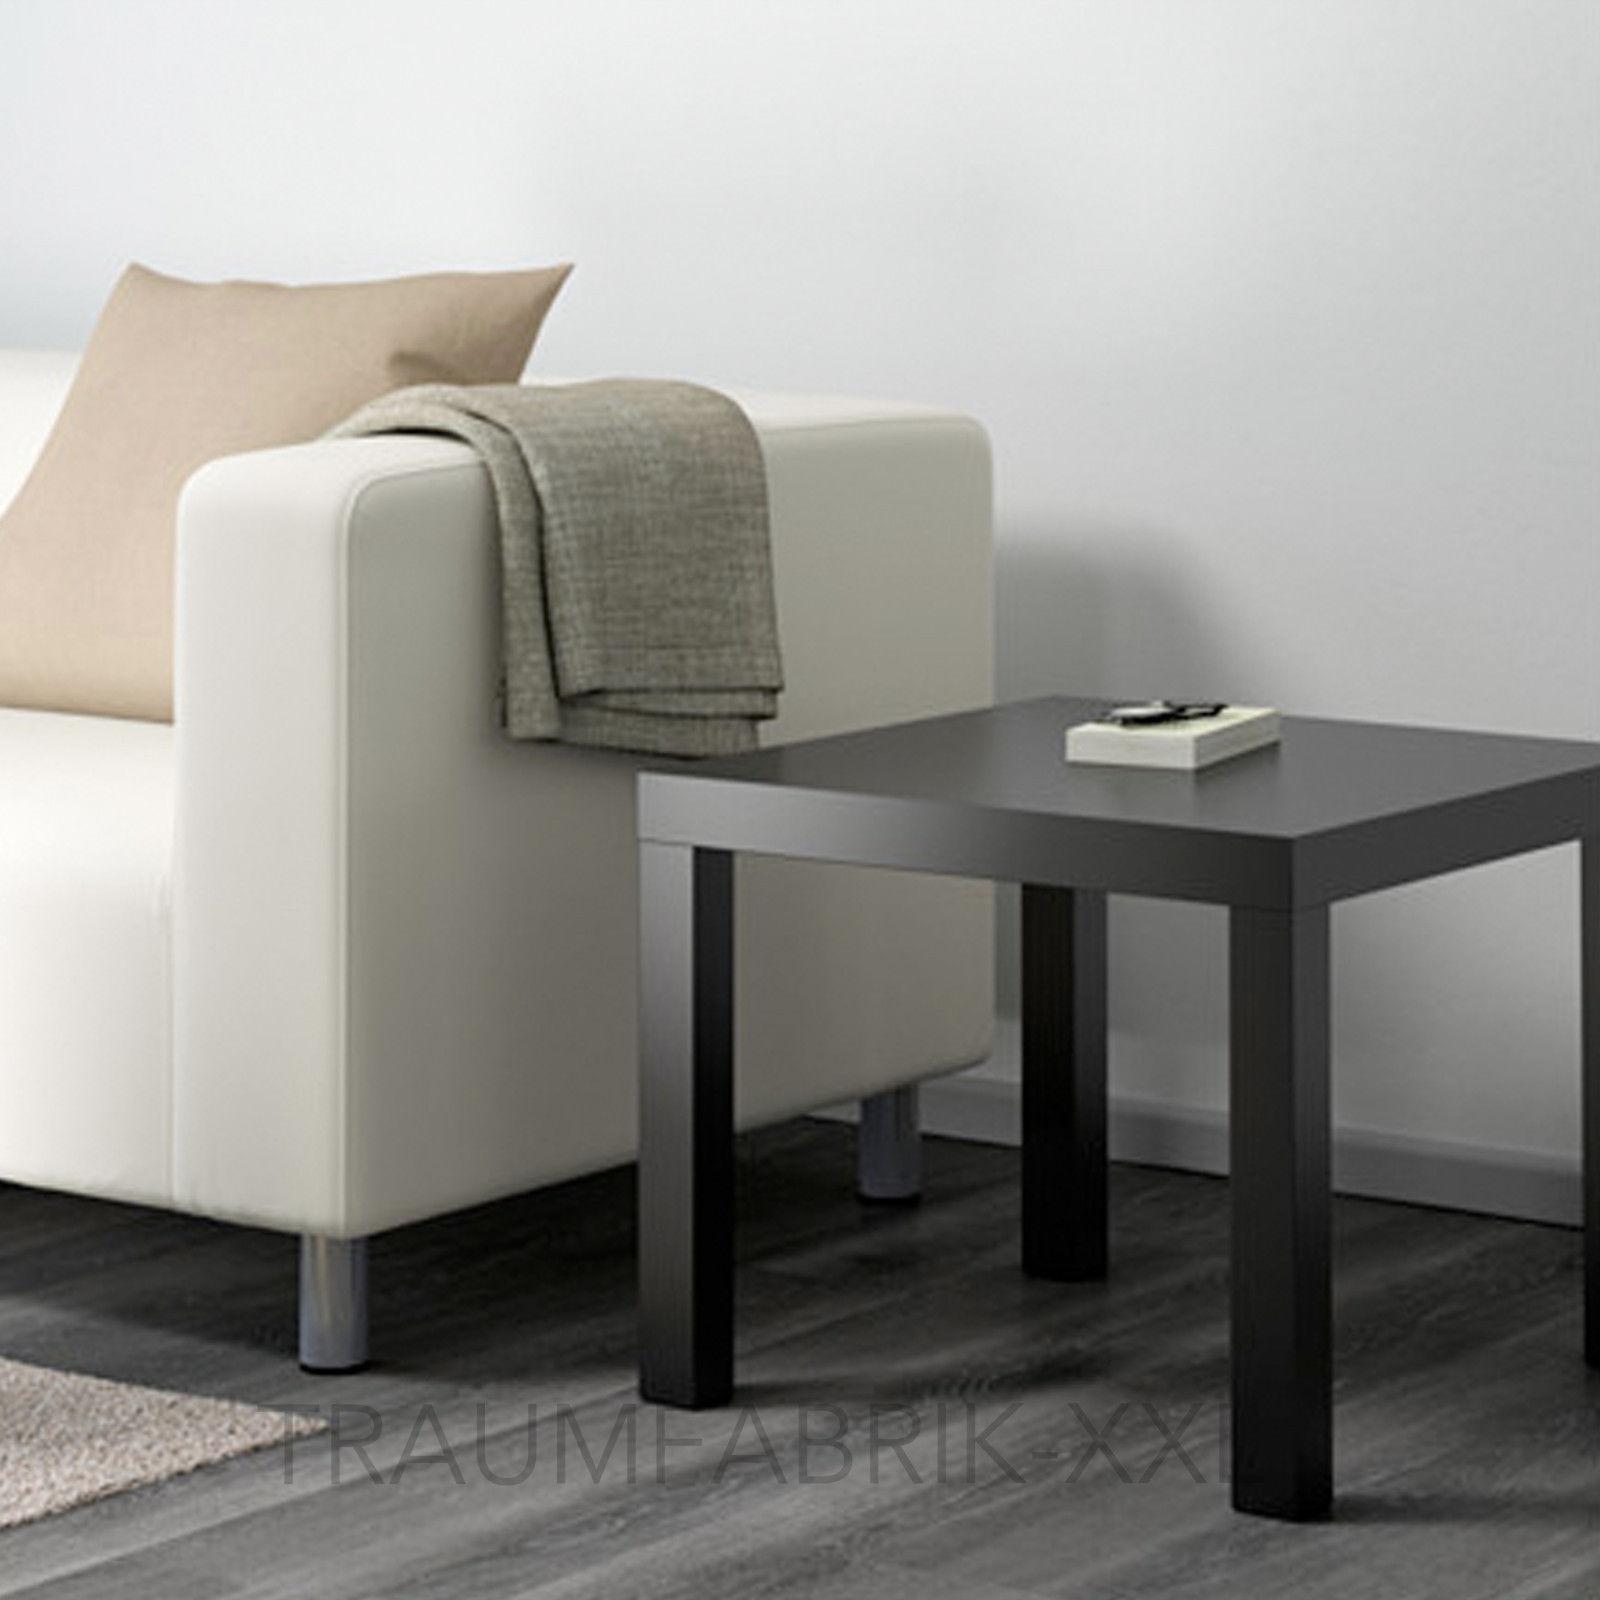 Couchtisch ikea lack  IKEA LACK Beistelltisch schwarz 55cm Couchtisch Sofatisch ...